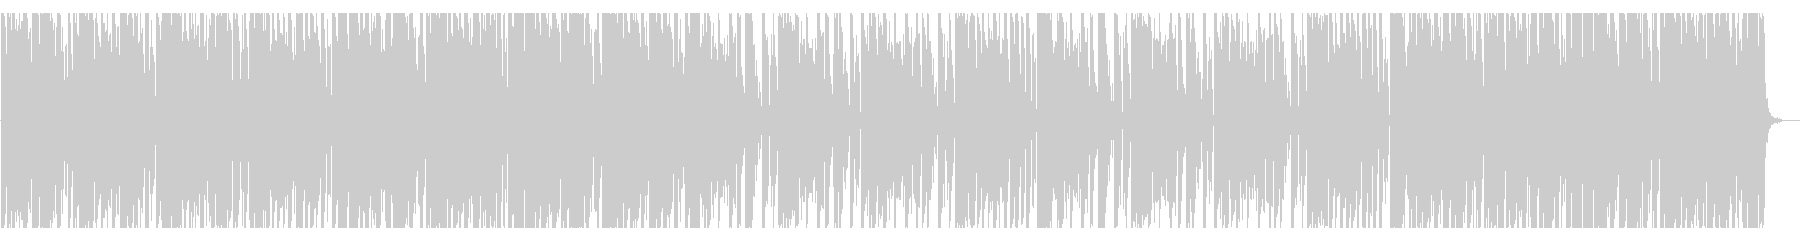 シンプル/ハウス3_No405_2の未再生の波形